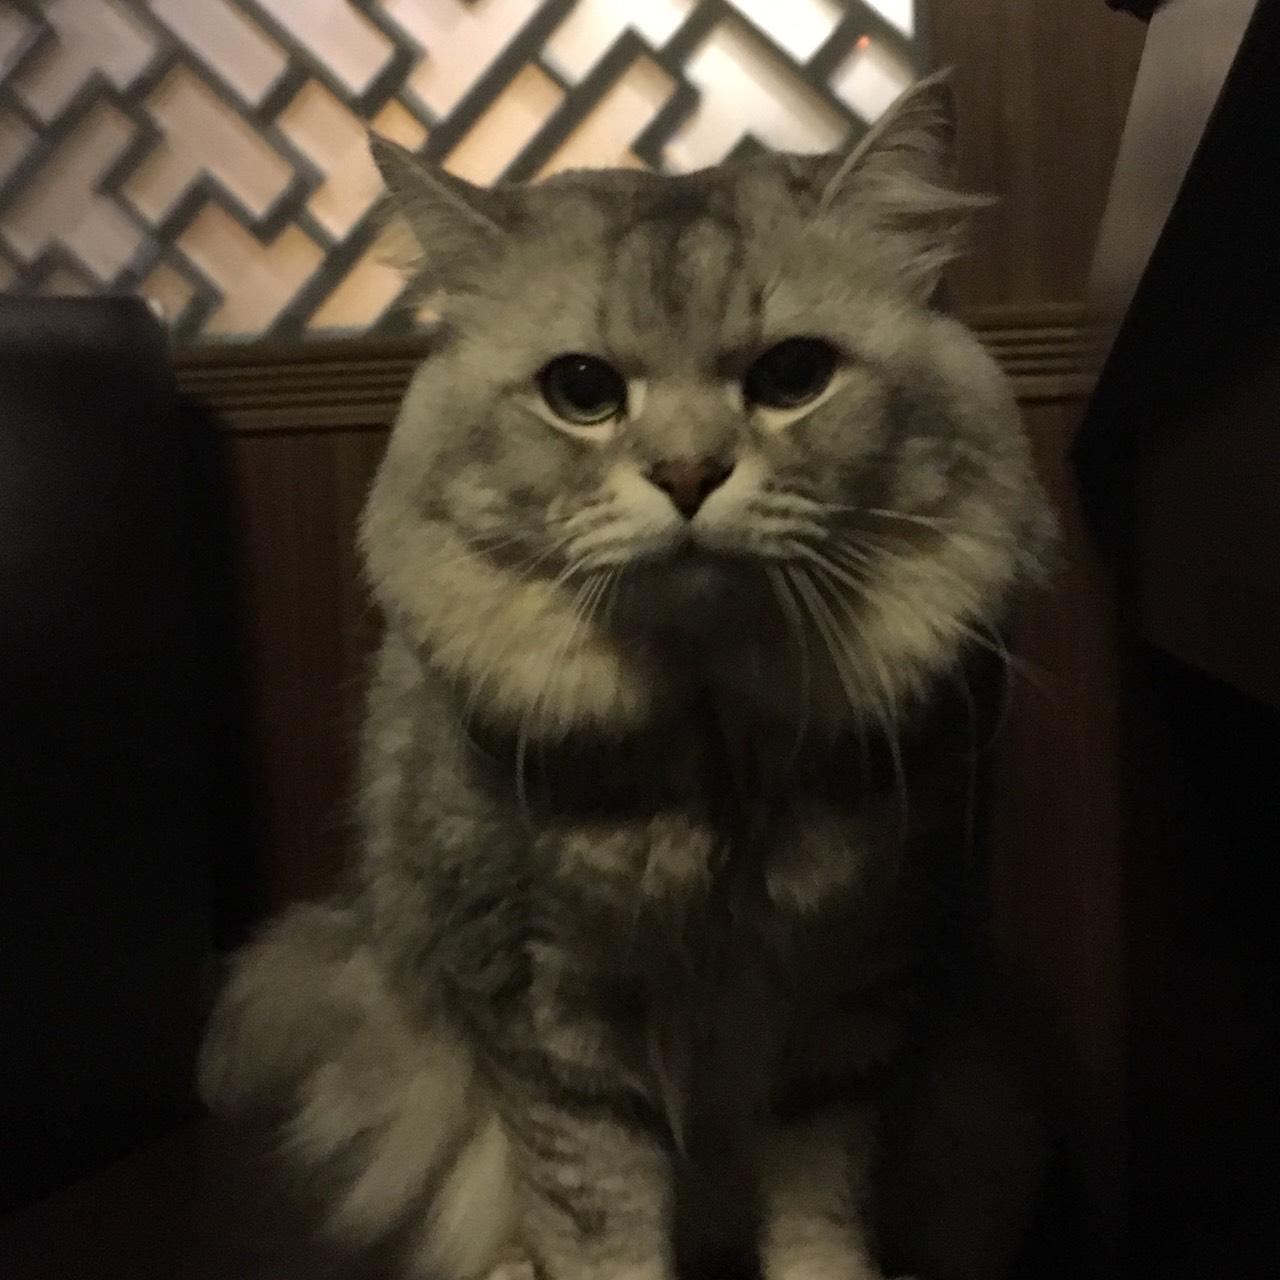 除了「멍스타그램」外,還有這個「펫스타그램(Pet + Instagram)」也是寵物專用的 tag。